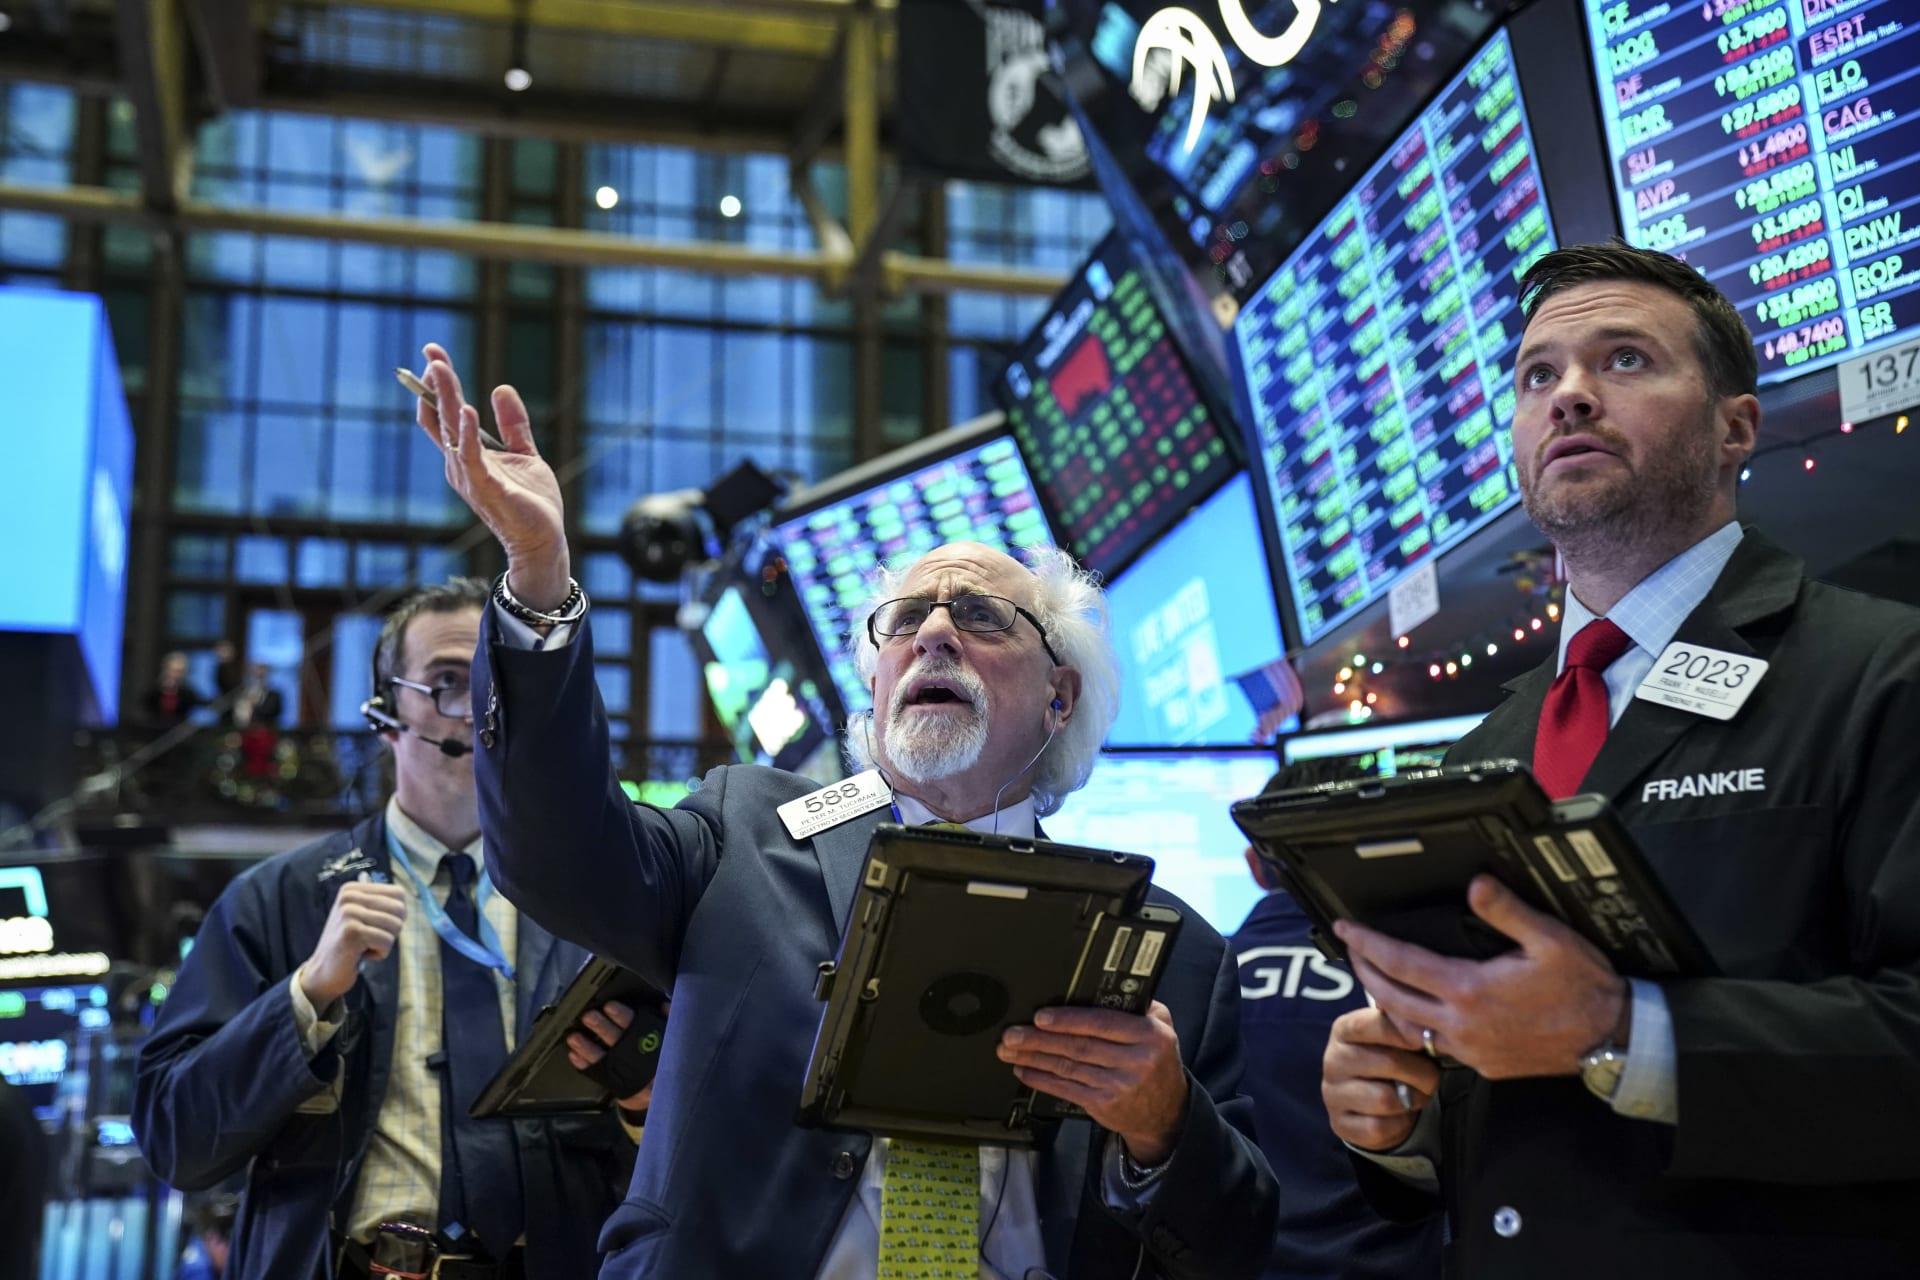 2018 عام مؤلم لأسواق الأسهم العالمية.. فما المتوقع في 2019؟